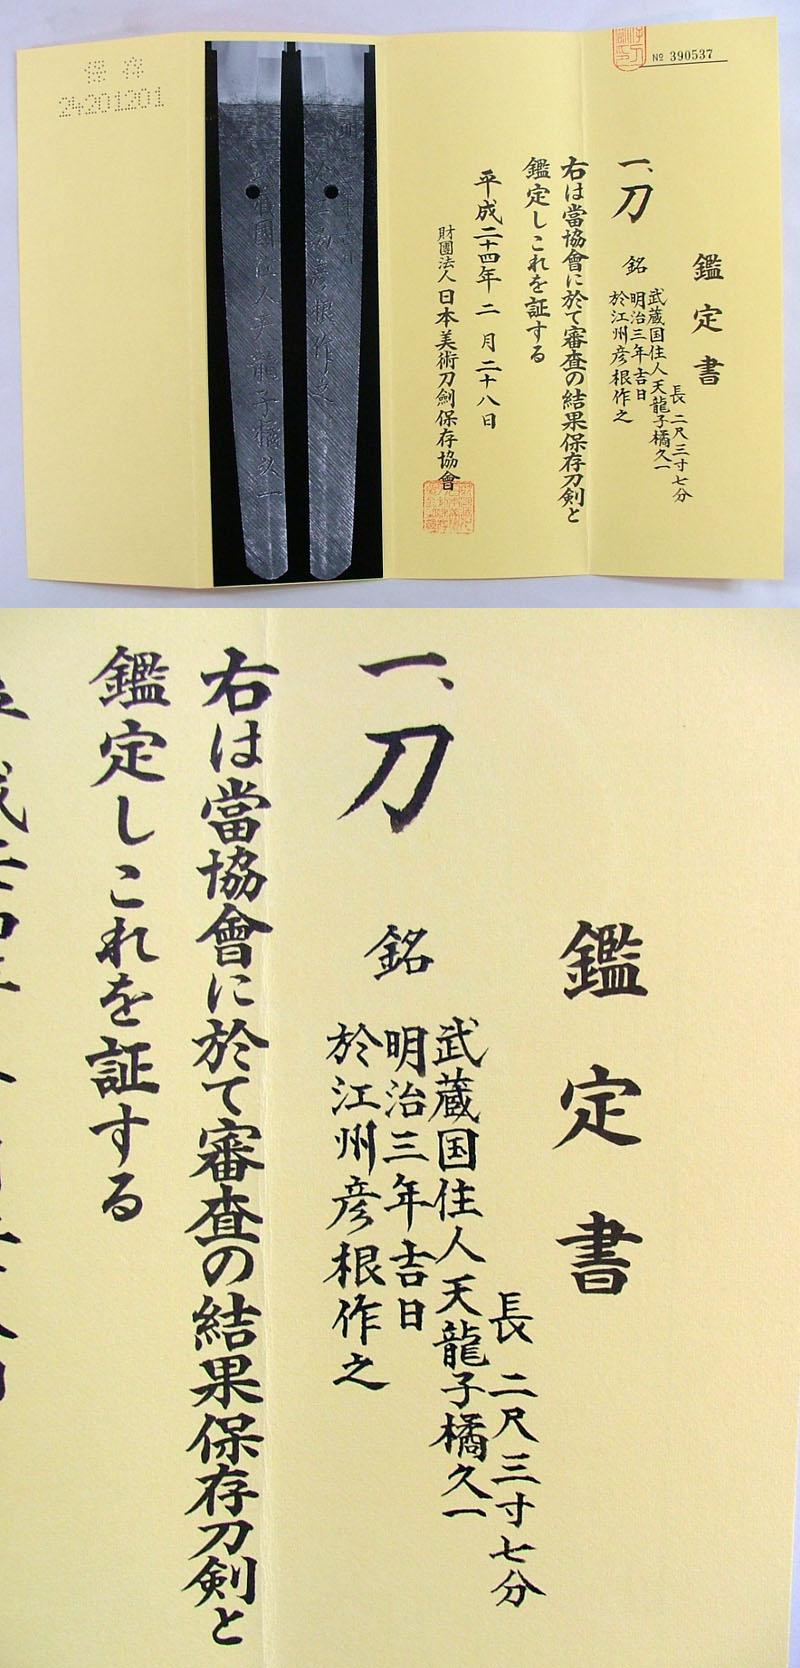 武蔵国住人天龍子橘久一(尾崎助隆門人) Picture of Certificate